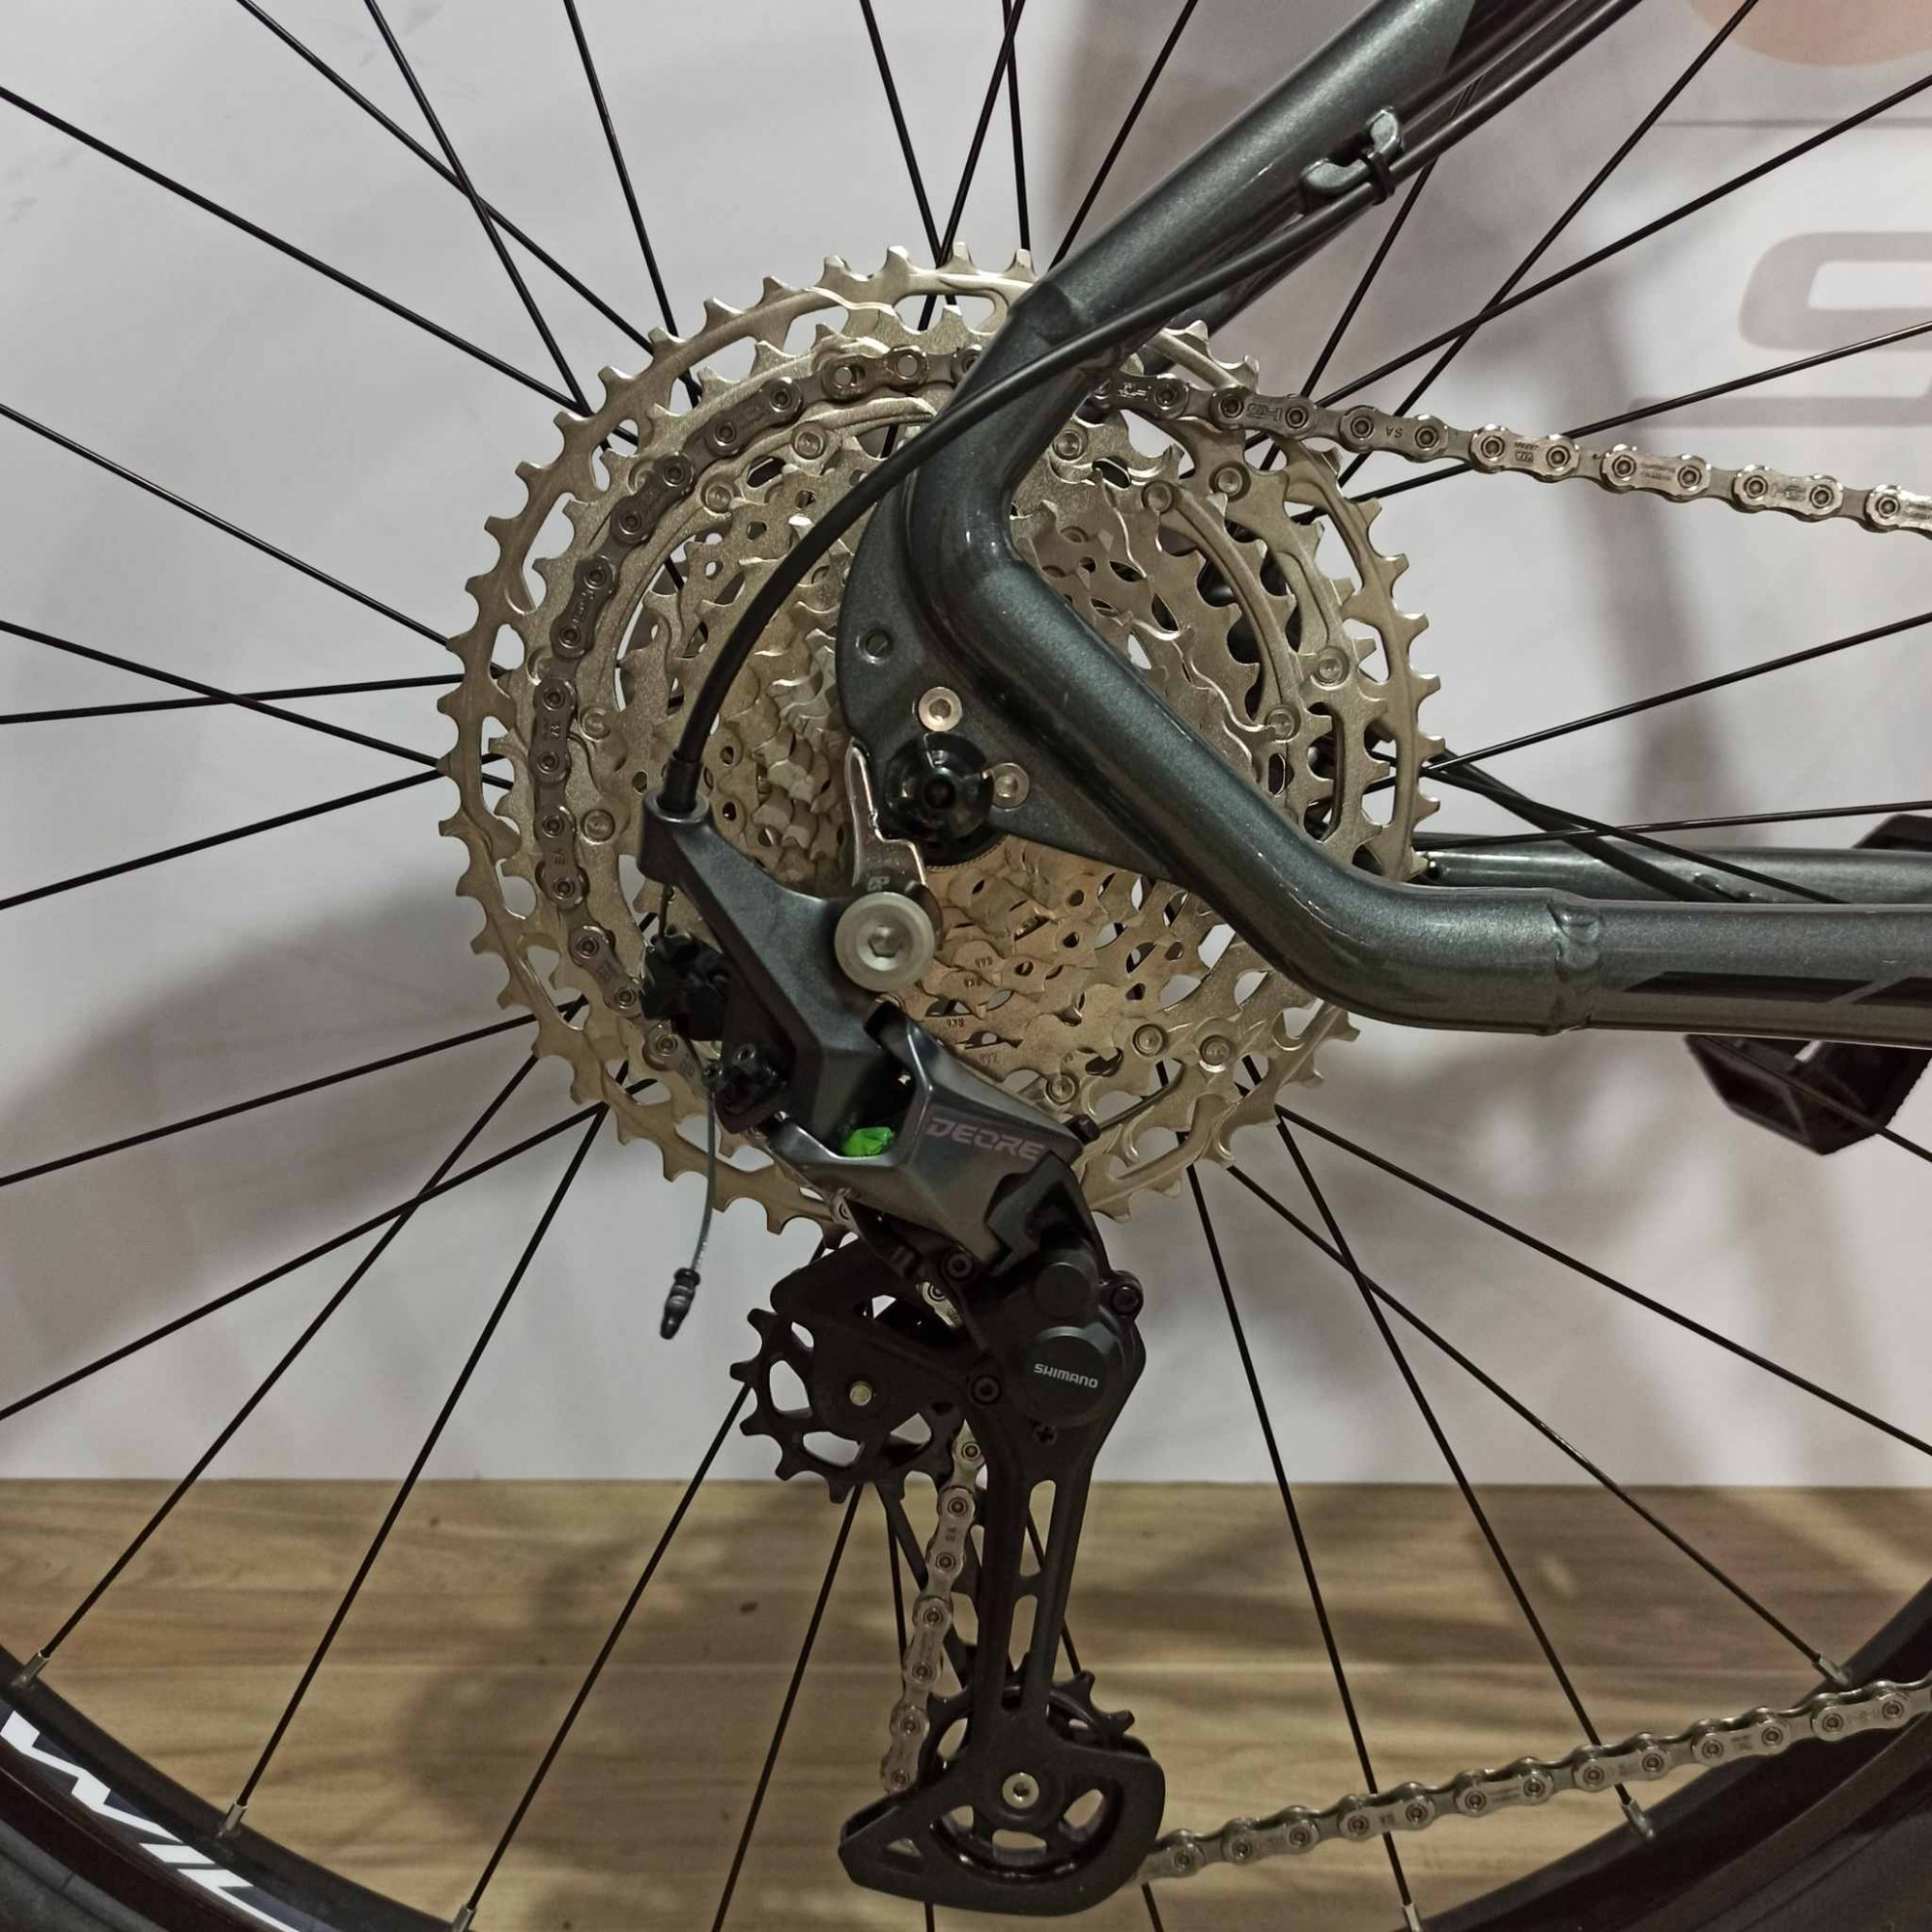 Bicicleta FIRST Lunix aro 29 - 12v Shimano Deore - K7 10/51 dentes - Suspensão Absolute Prime a AR com Trava no Guidão